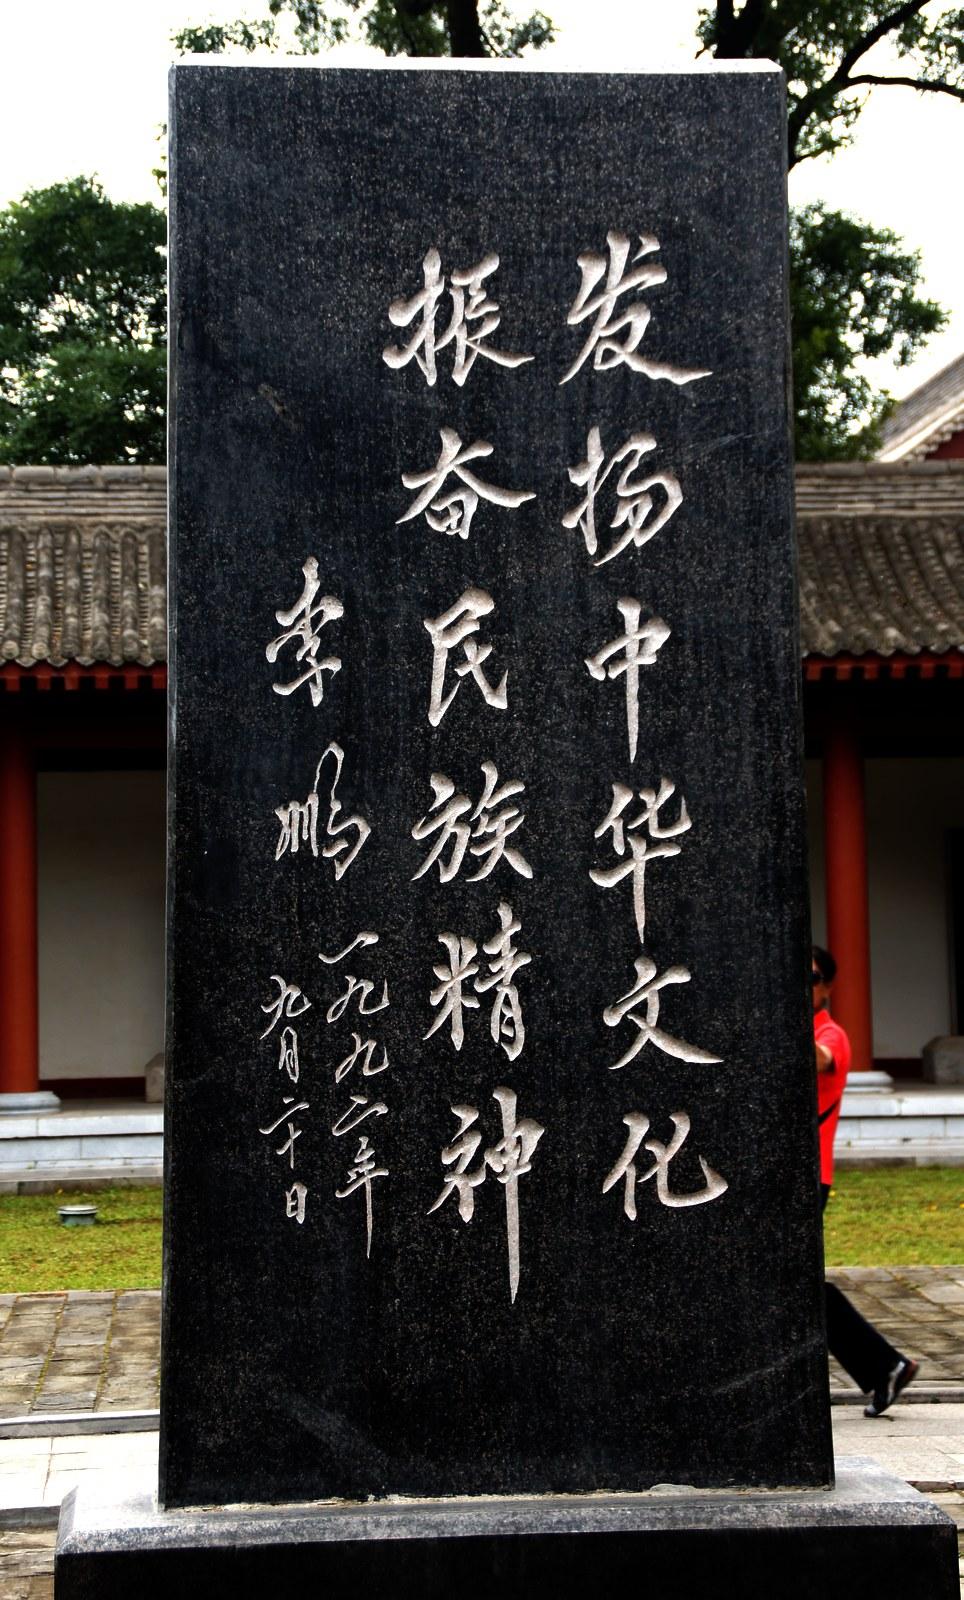 黄帝陵景区-李鹏题词-44-1600.jpg